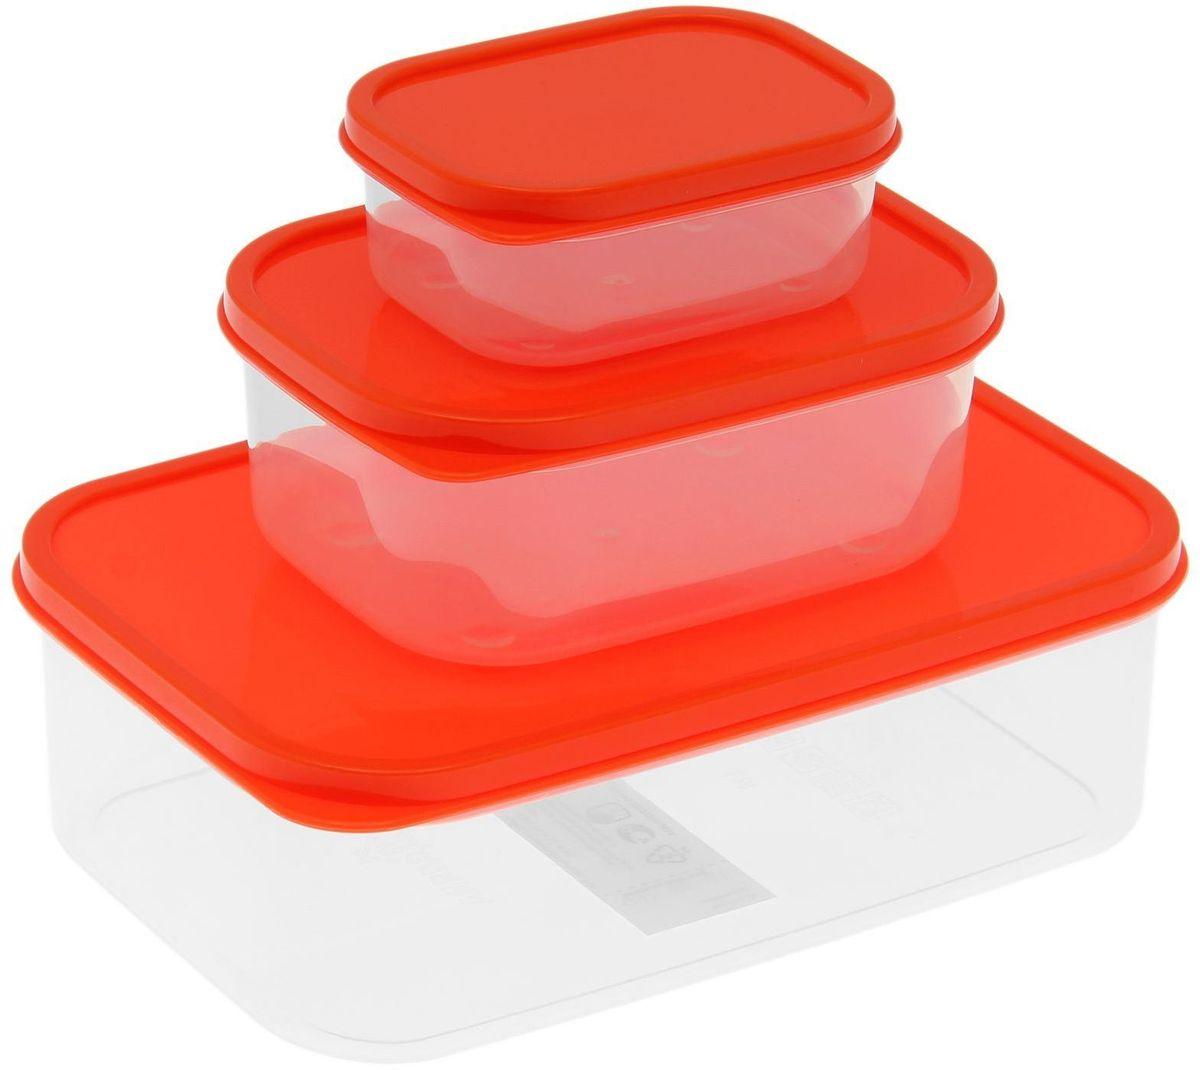 Набор пищевых контейнеров Доляна, цвет: оранжевый, 3 шт1333884Если после вкусного обеда осталась еда, а насладиться трапезой хочется и на следующий день, ланч-бокс станет отличным решением данной проблемы!Такой контейнер является незаменимым предметом кухонной утвари, ведь у него много преимуществ:Простота ухода. Ланч-бокс достаточно промыть тёплой водой с небольшим количеством чистящего средства, и он снова готов к использованию.Вместительность. Большой выбор форм и объёма поможет разместить разнообразные продукты от сахара до супов.Эргономичность. Ланч-боксы очень легко хранить даже в самой маленькой кухне, так как их можно поставить один в другой по принципу матрёшки.Многофункциональность. Разнообразие цветов и форм делает возможным использование контейнеров не только на кухне, но и в других областях домашнего быта.Любители приготовления обеда на всю семью в большинстве случаев приобретают ланч-боксы наборами, так как это позволяет рассортировать продукты по всевозможным признакам. К тому же контейнеры среднего размера станут незаменимыми помощниками на работе: ведь что может быть приятнее, чем порадовать себя во время обеда прекрасной едой, заботливо сохранённой в контейнере?В качестве материала для изготовления используется пластик, что делает процесс ухода за контейнером ещё более эффективным. К каждому ланч-боксу в комплекте также прилагается крышка подходящего размера, это позволяет плотно и надёжно удерживать запах еды и упрощает процесс транспортировки.Однако рекомендуется соблюдать и меры предосторожности: не использовать пластиковые контейнеры в духовых шкафах и на открытом огне, а также не разогревать в микроволновых печах при закрытой крышке ланч-бокса. Соблюдение мер безопасности позволит продлить срок эксплуатации и сохранить отличный внешний вид изделия.Эргономичный дизайн и многофункциональность таких контейнеров — вот, что является причиной большой популярности данного предмета у каждой хозяйки. А в преддверии лета и дачного сезона такое приобрете